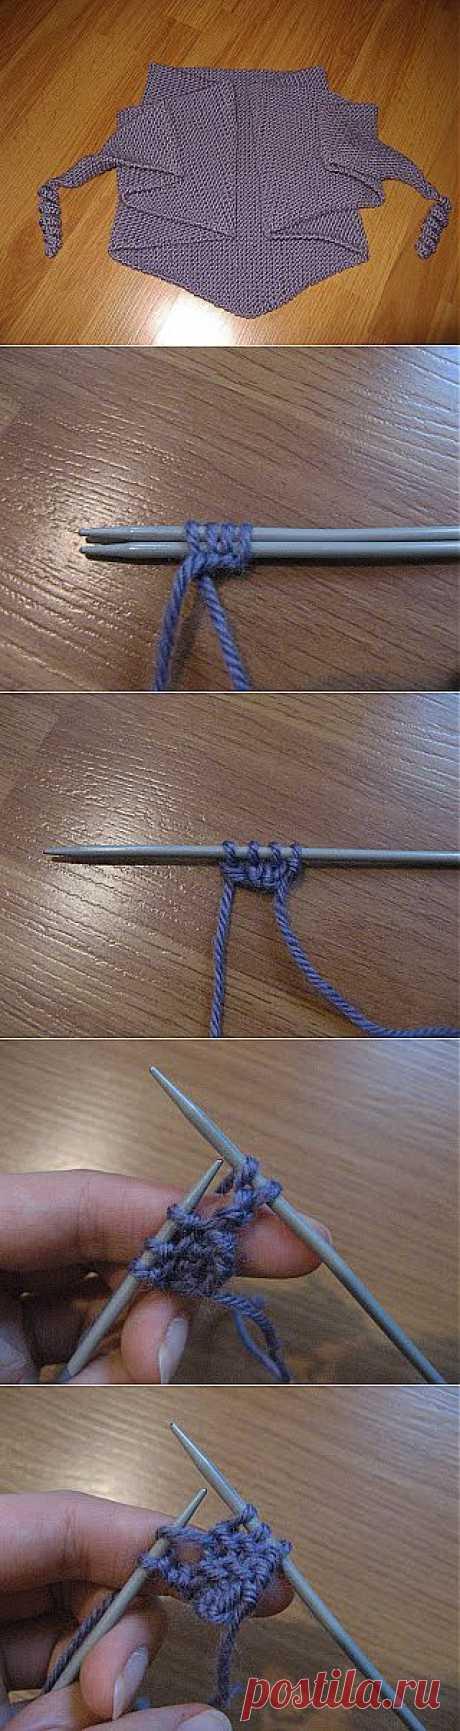 МК по вязанию бактуса спицами.